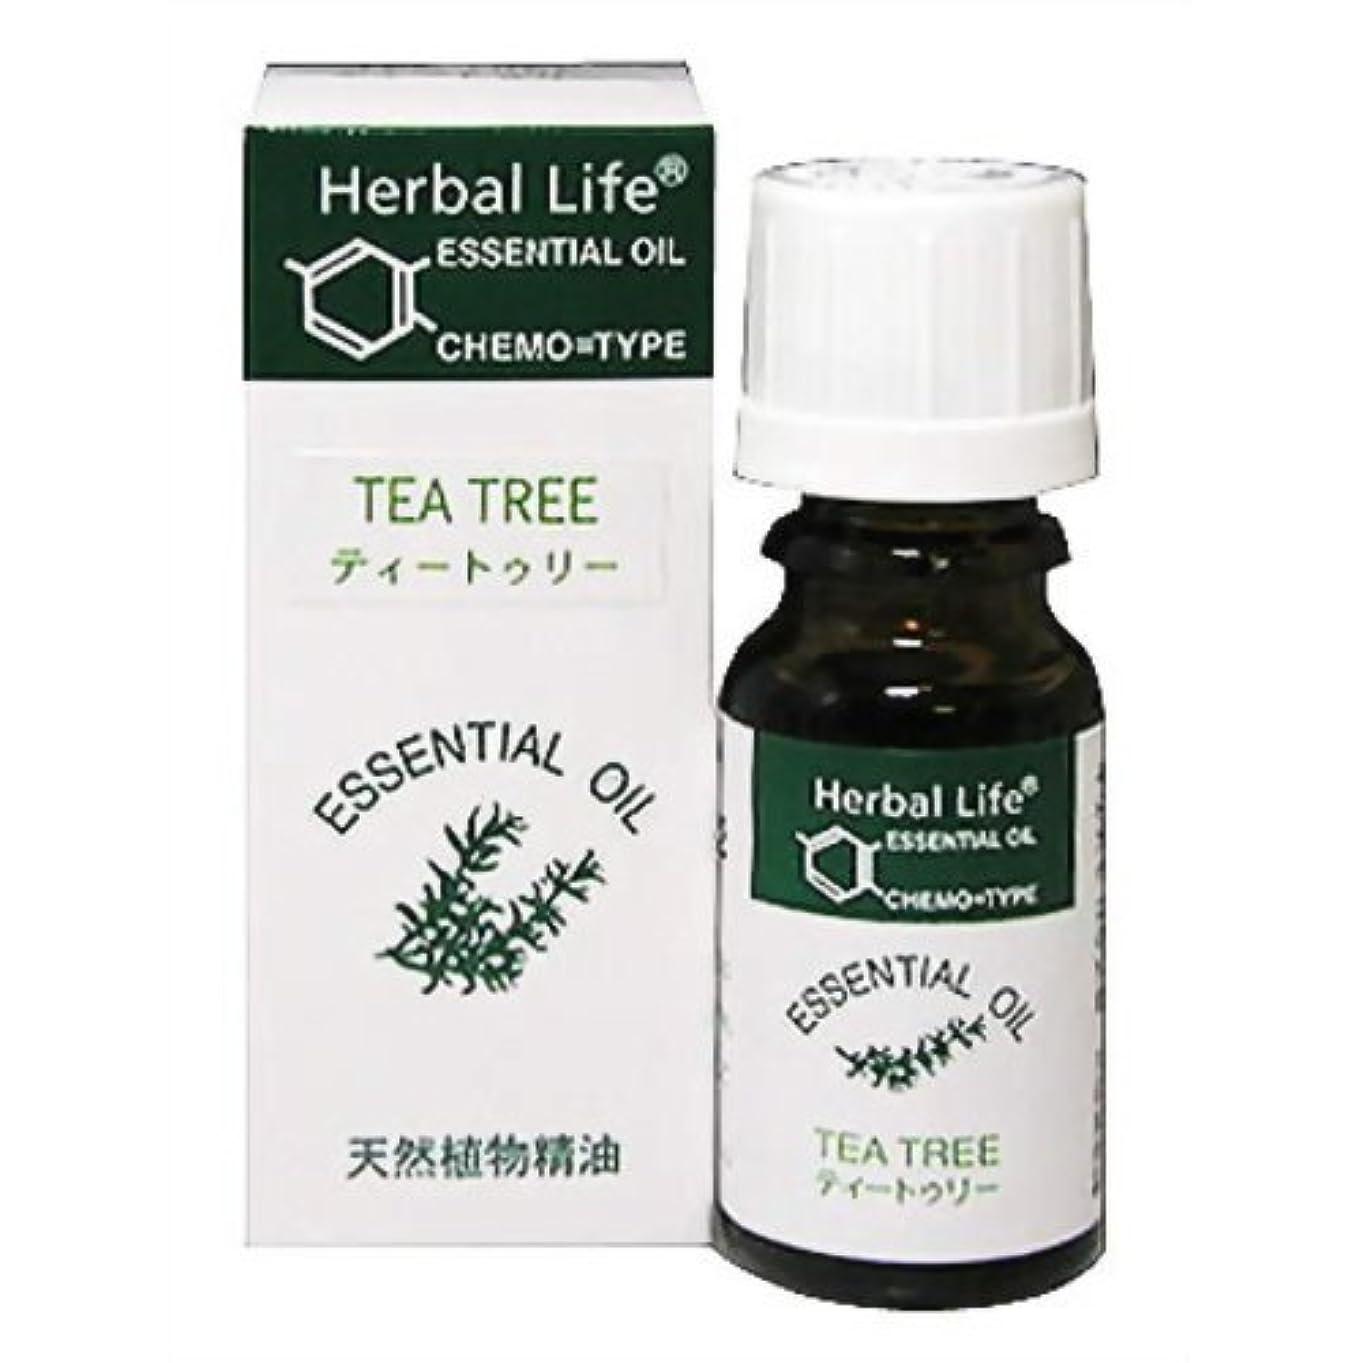 マラドロイト掃除立法Herbal Life ティートゥリー 10ml